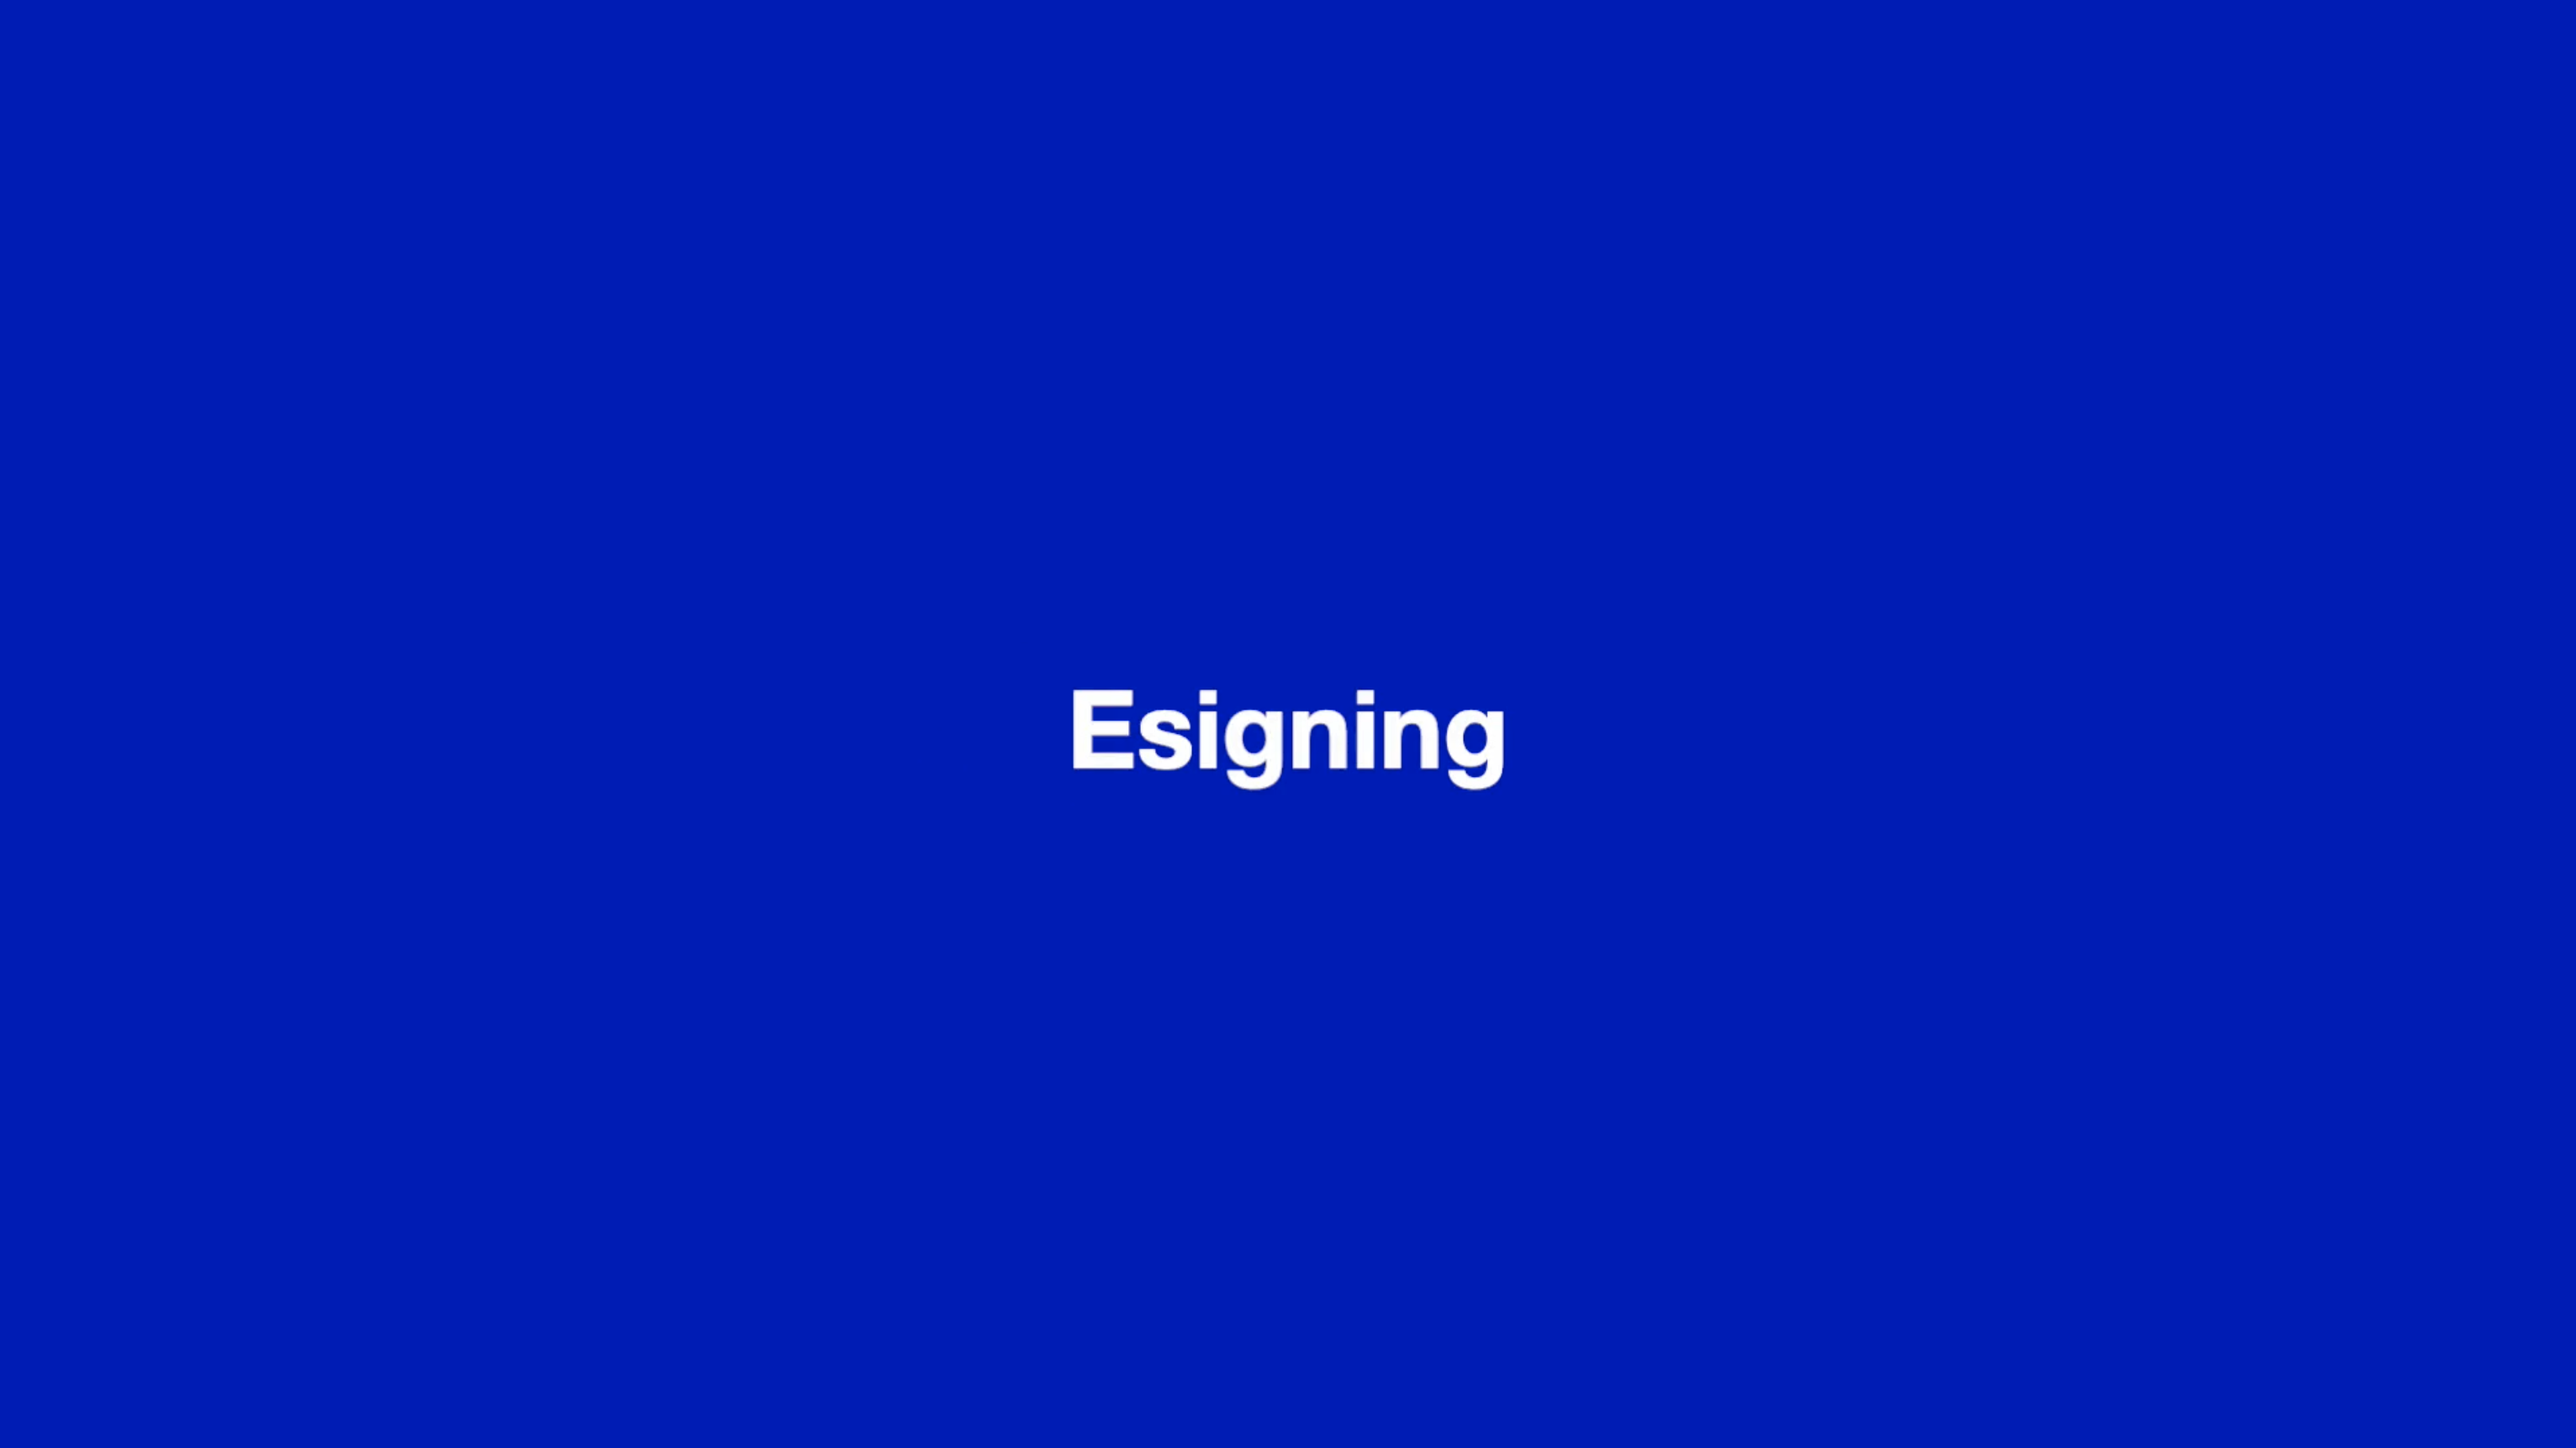 Esigning thumbnail